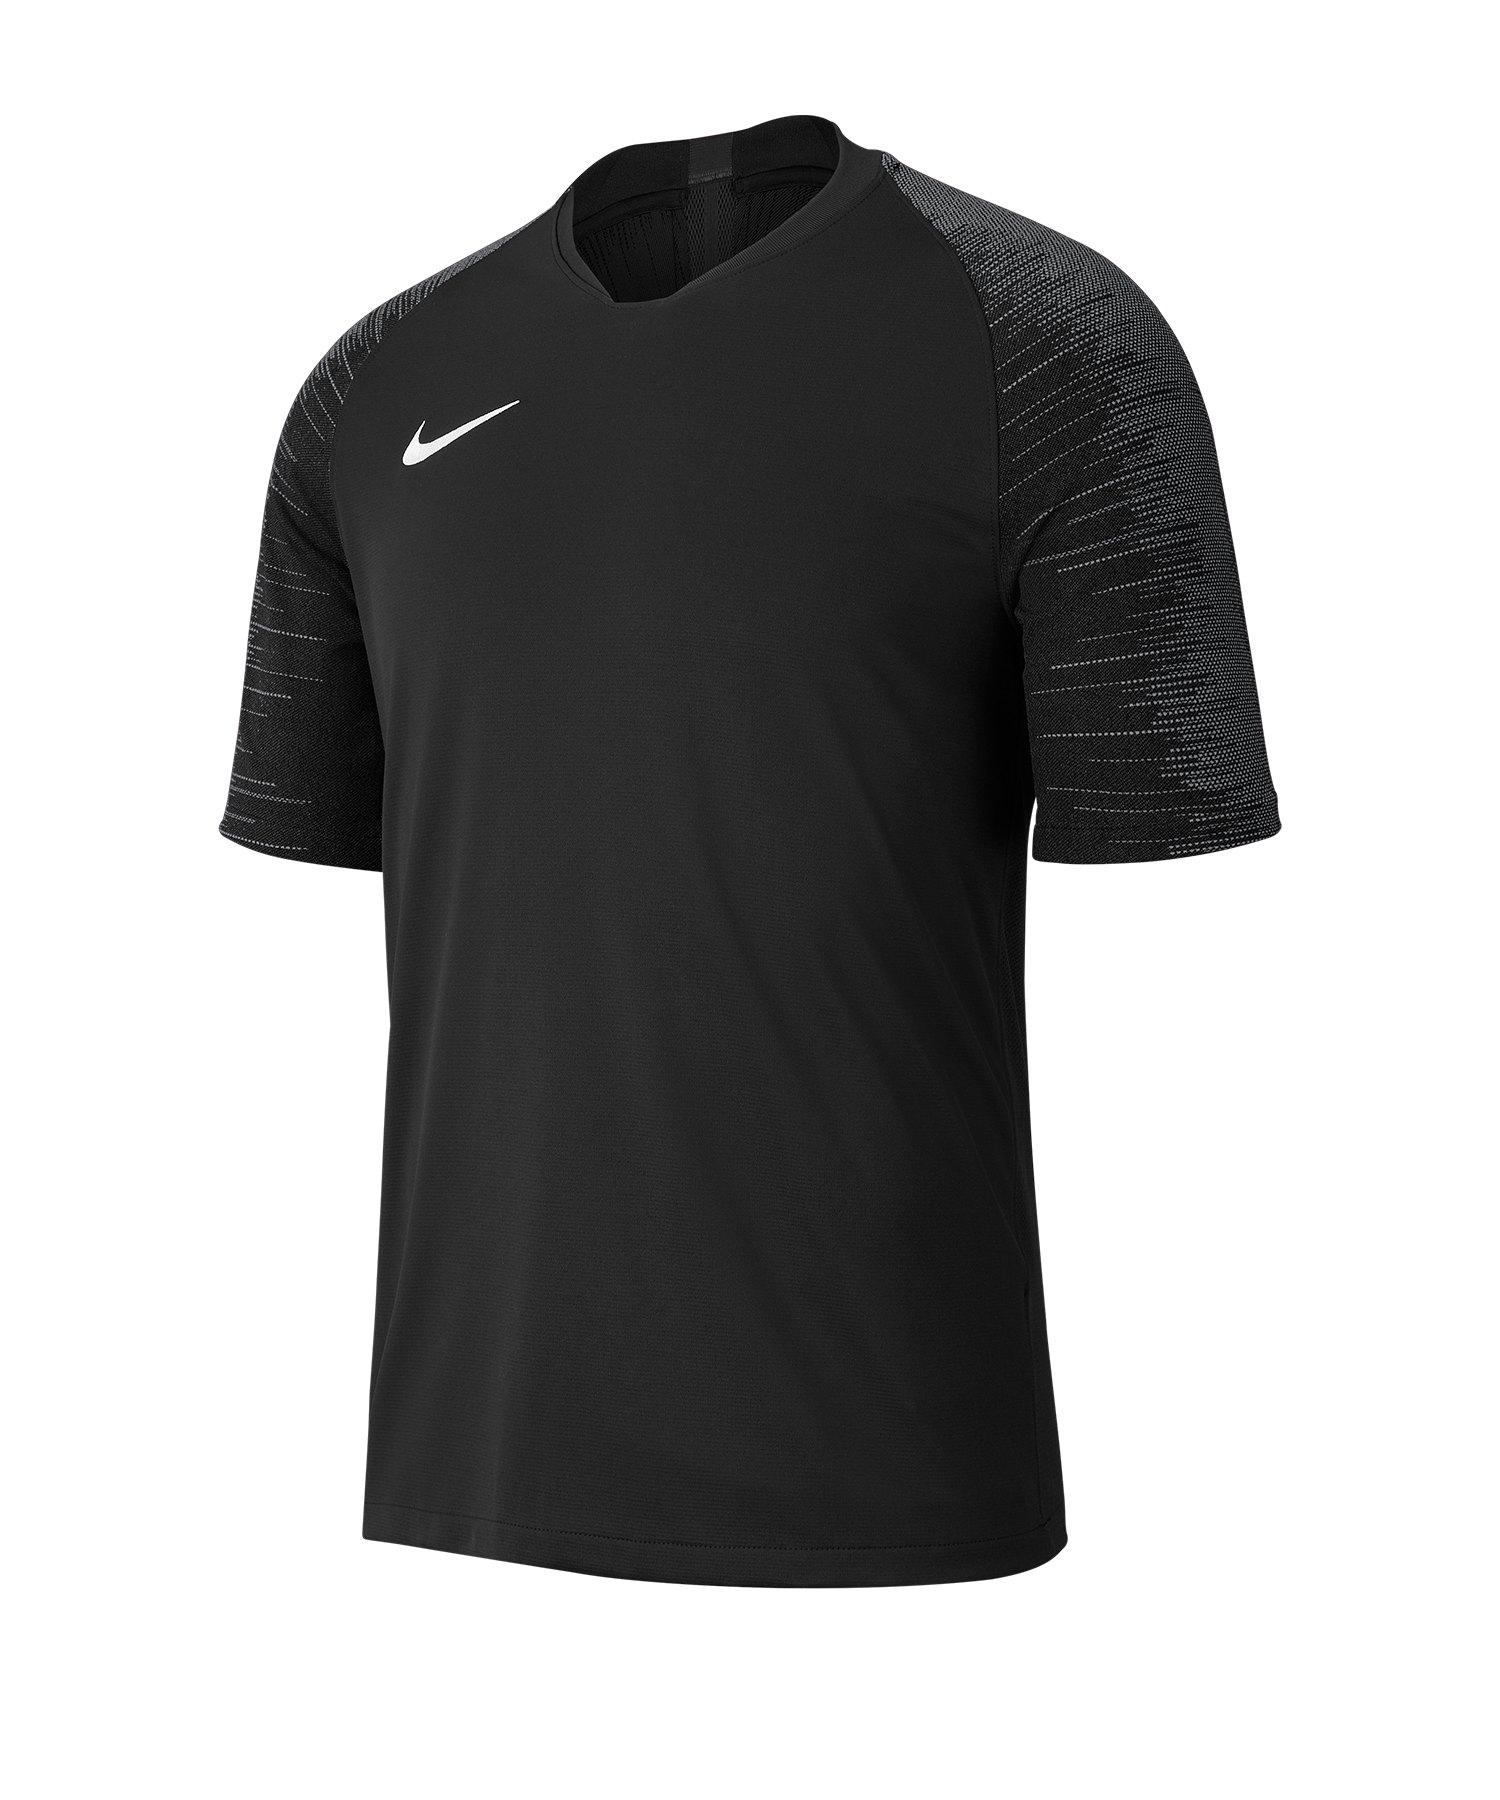 Trikots Nike